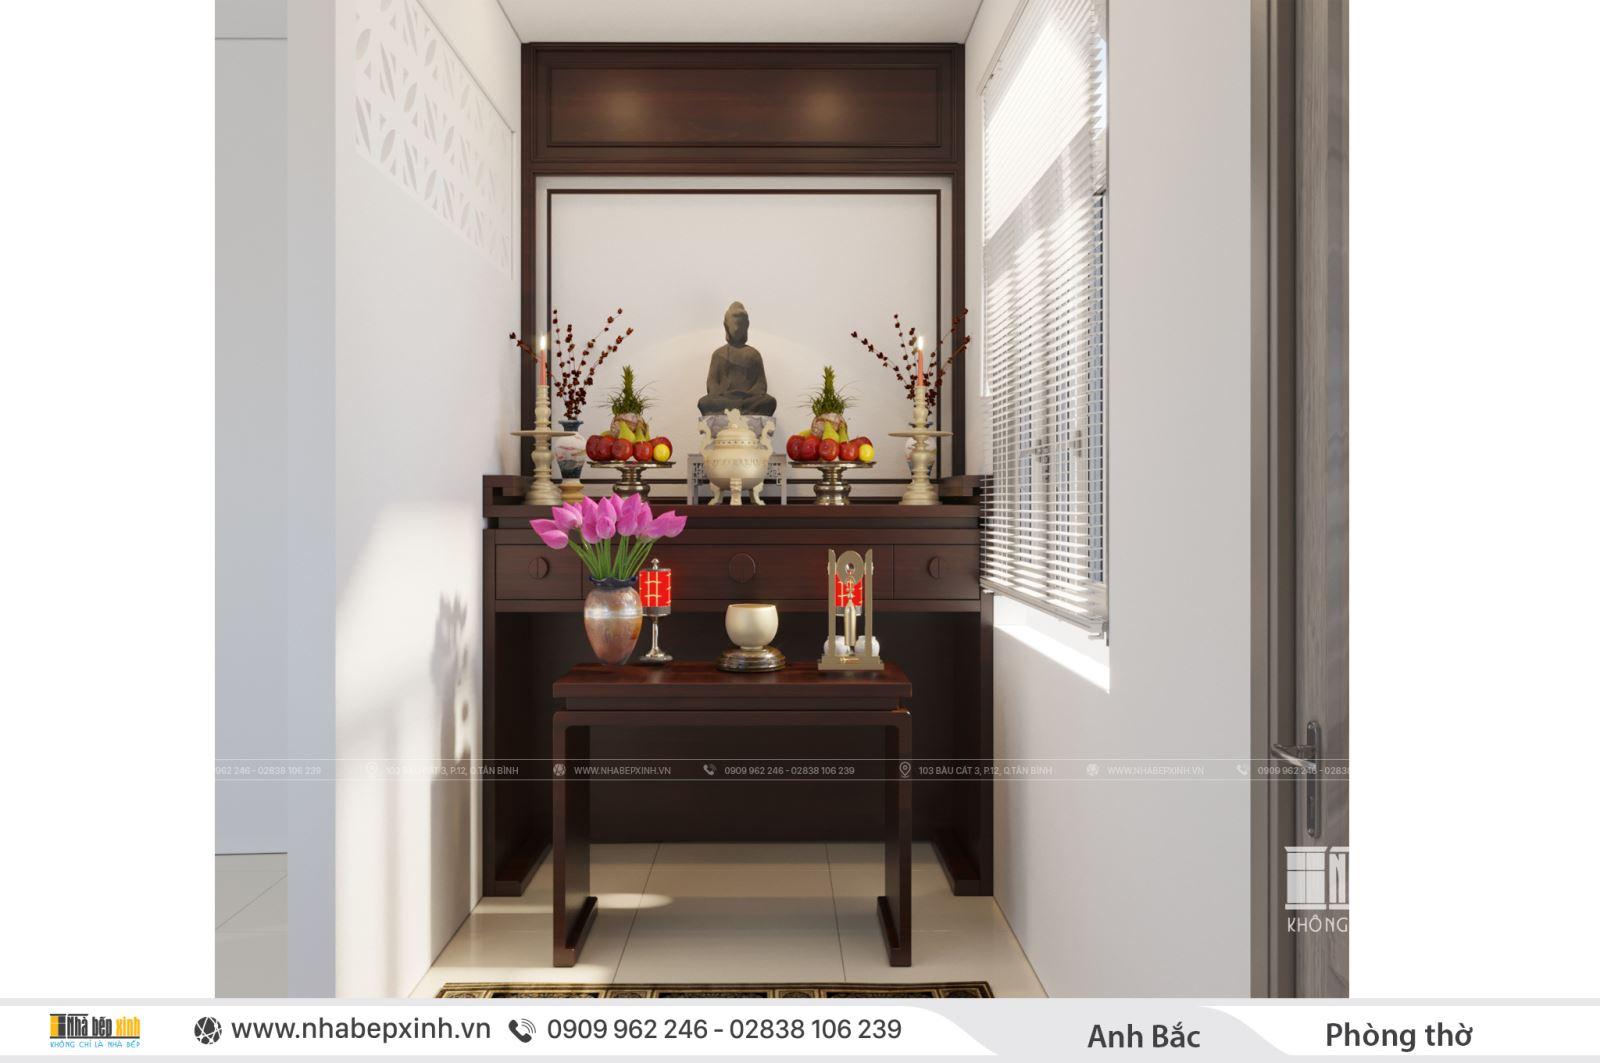 Thiết kế nội thất phòng khách đẹp và hiện đại